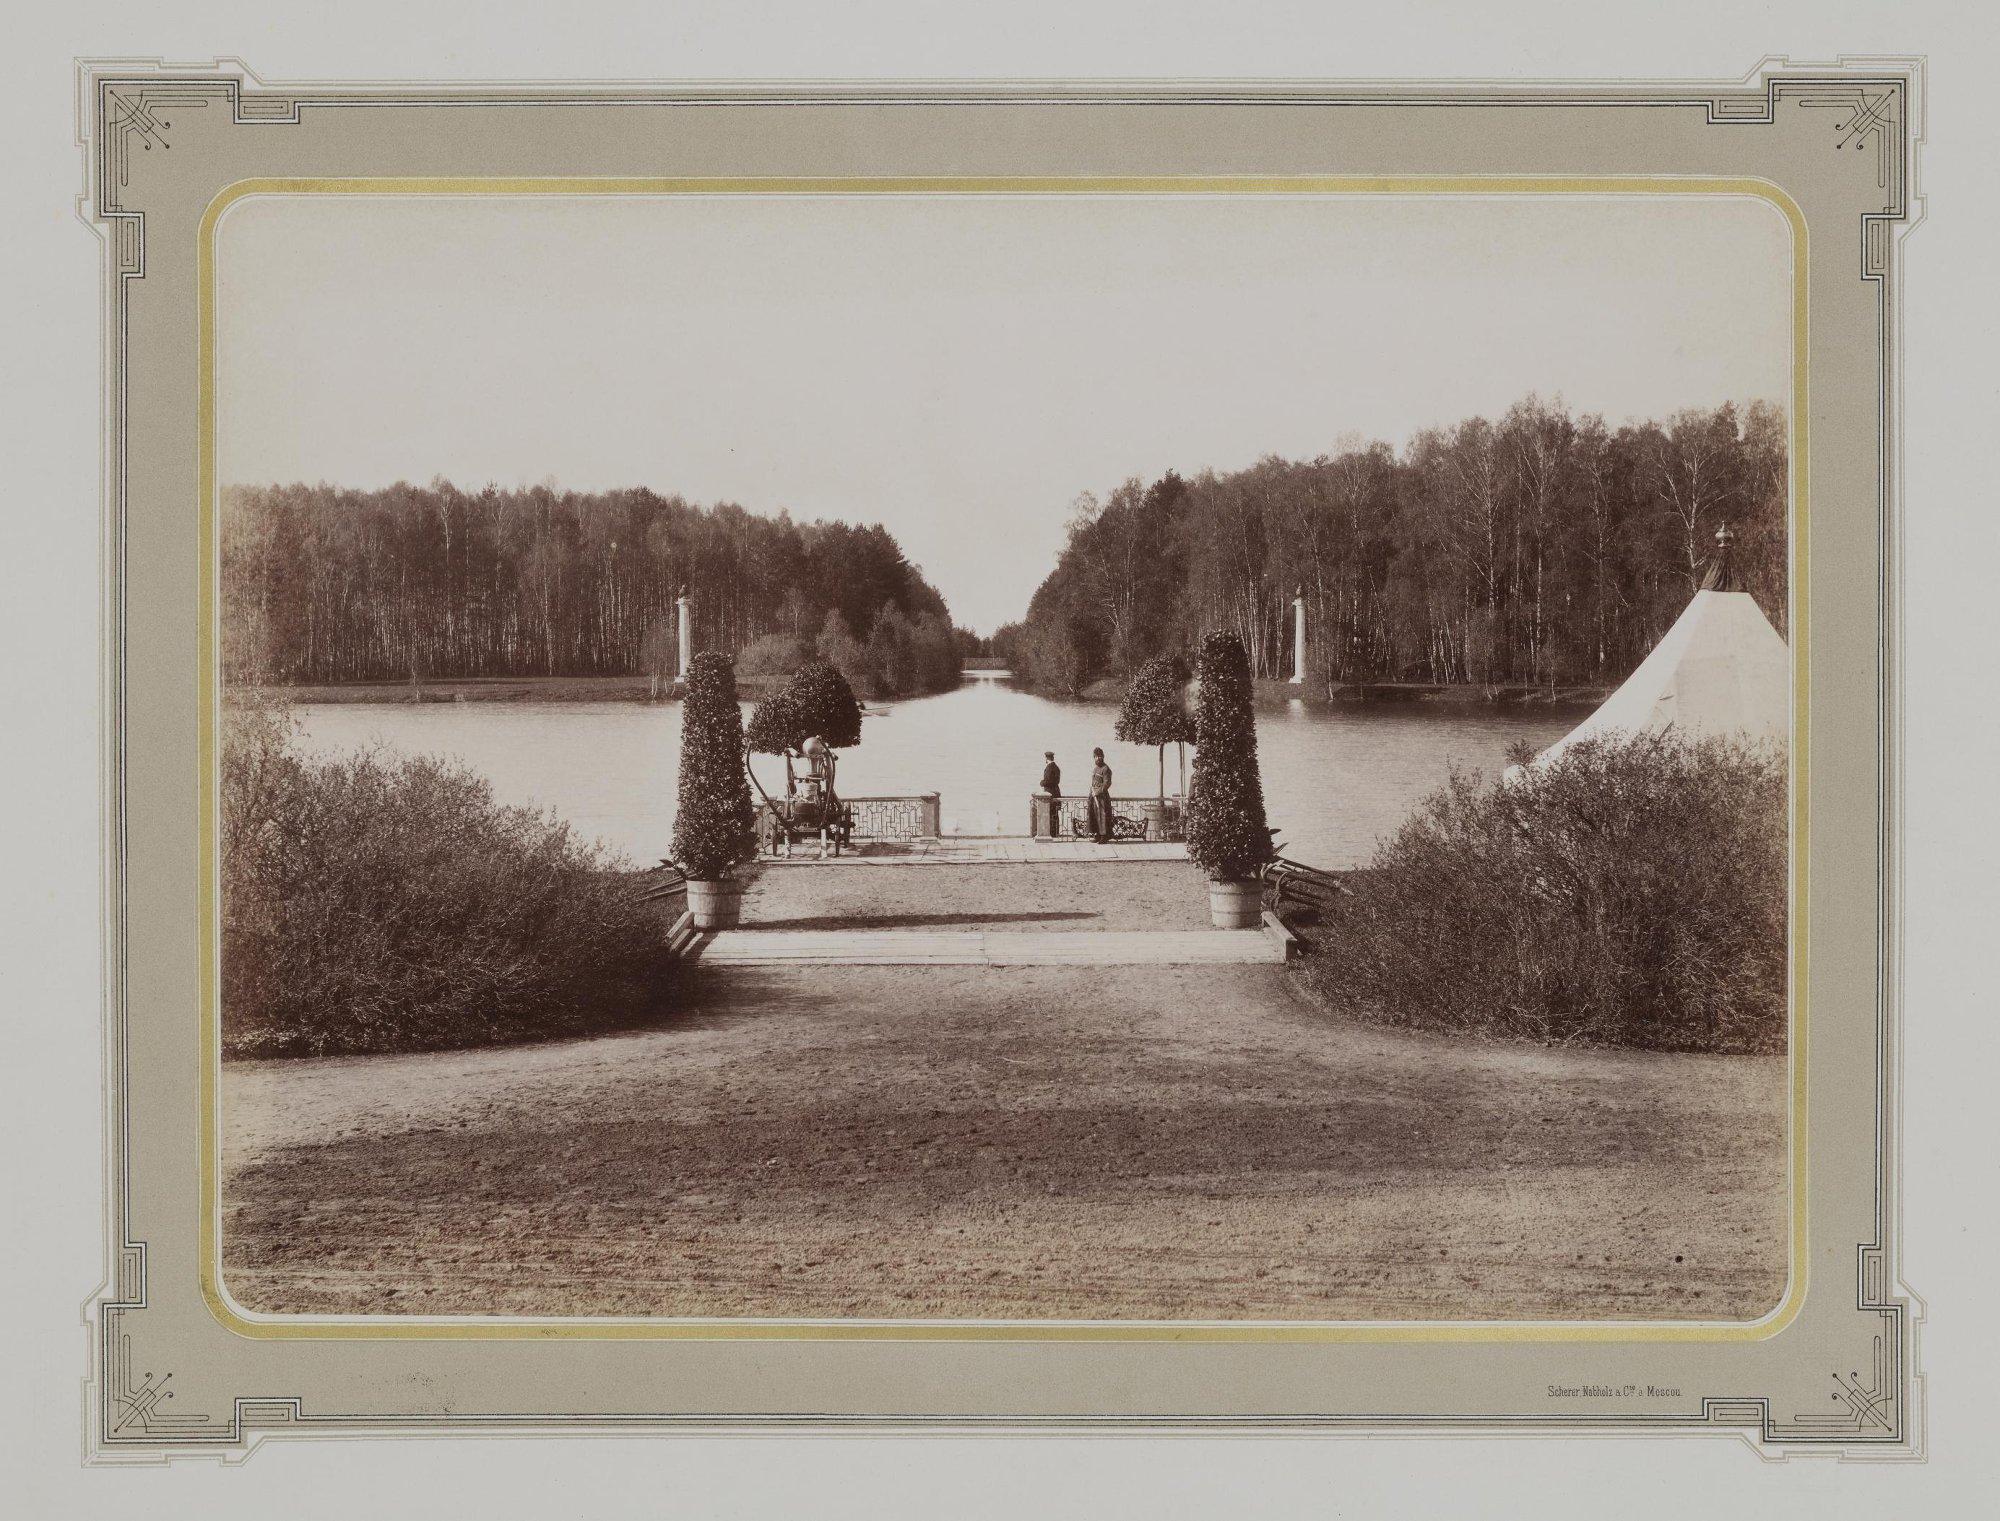 1883-1886. Усадьба Кусково. Вид на пристань и канал